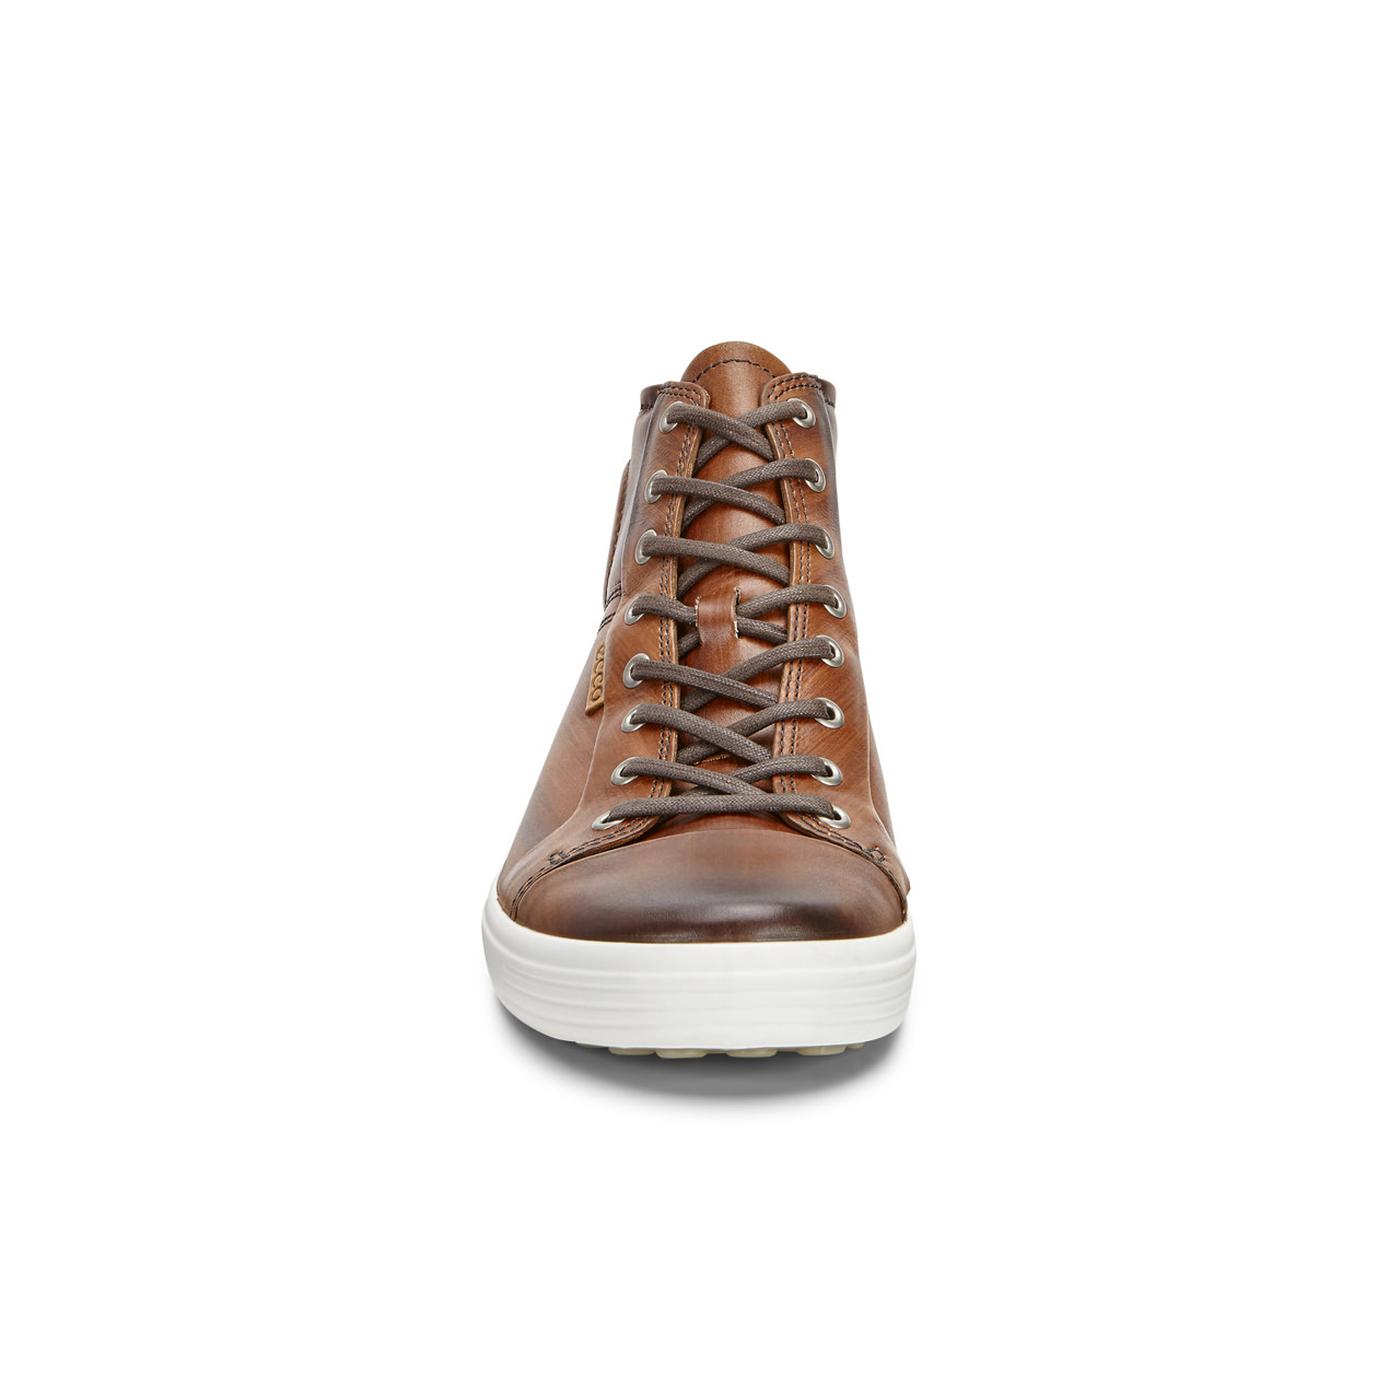 ECCO Mens Soft 7 Premium Boot